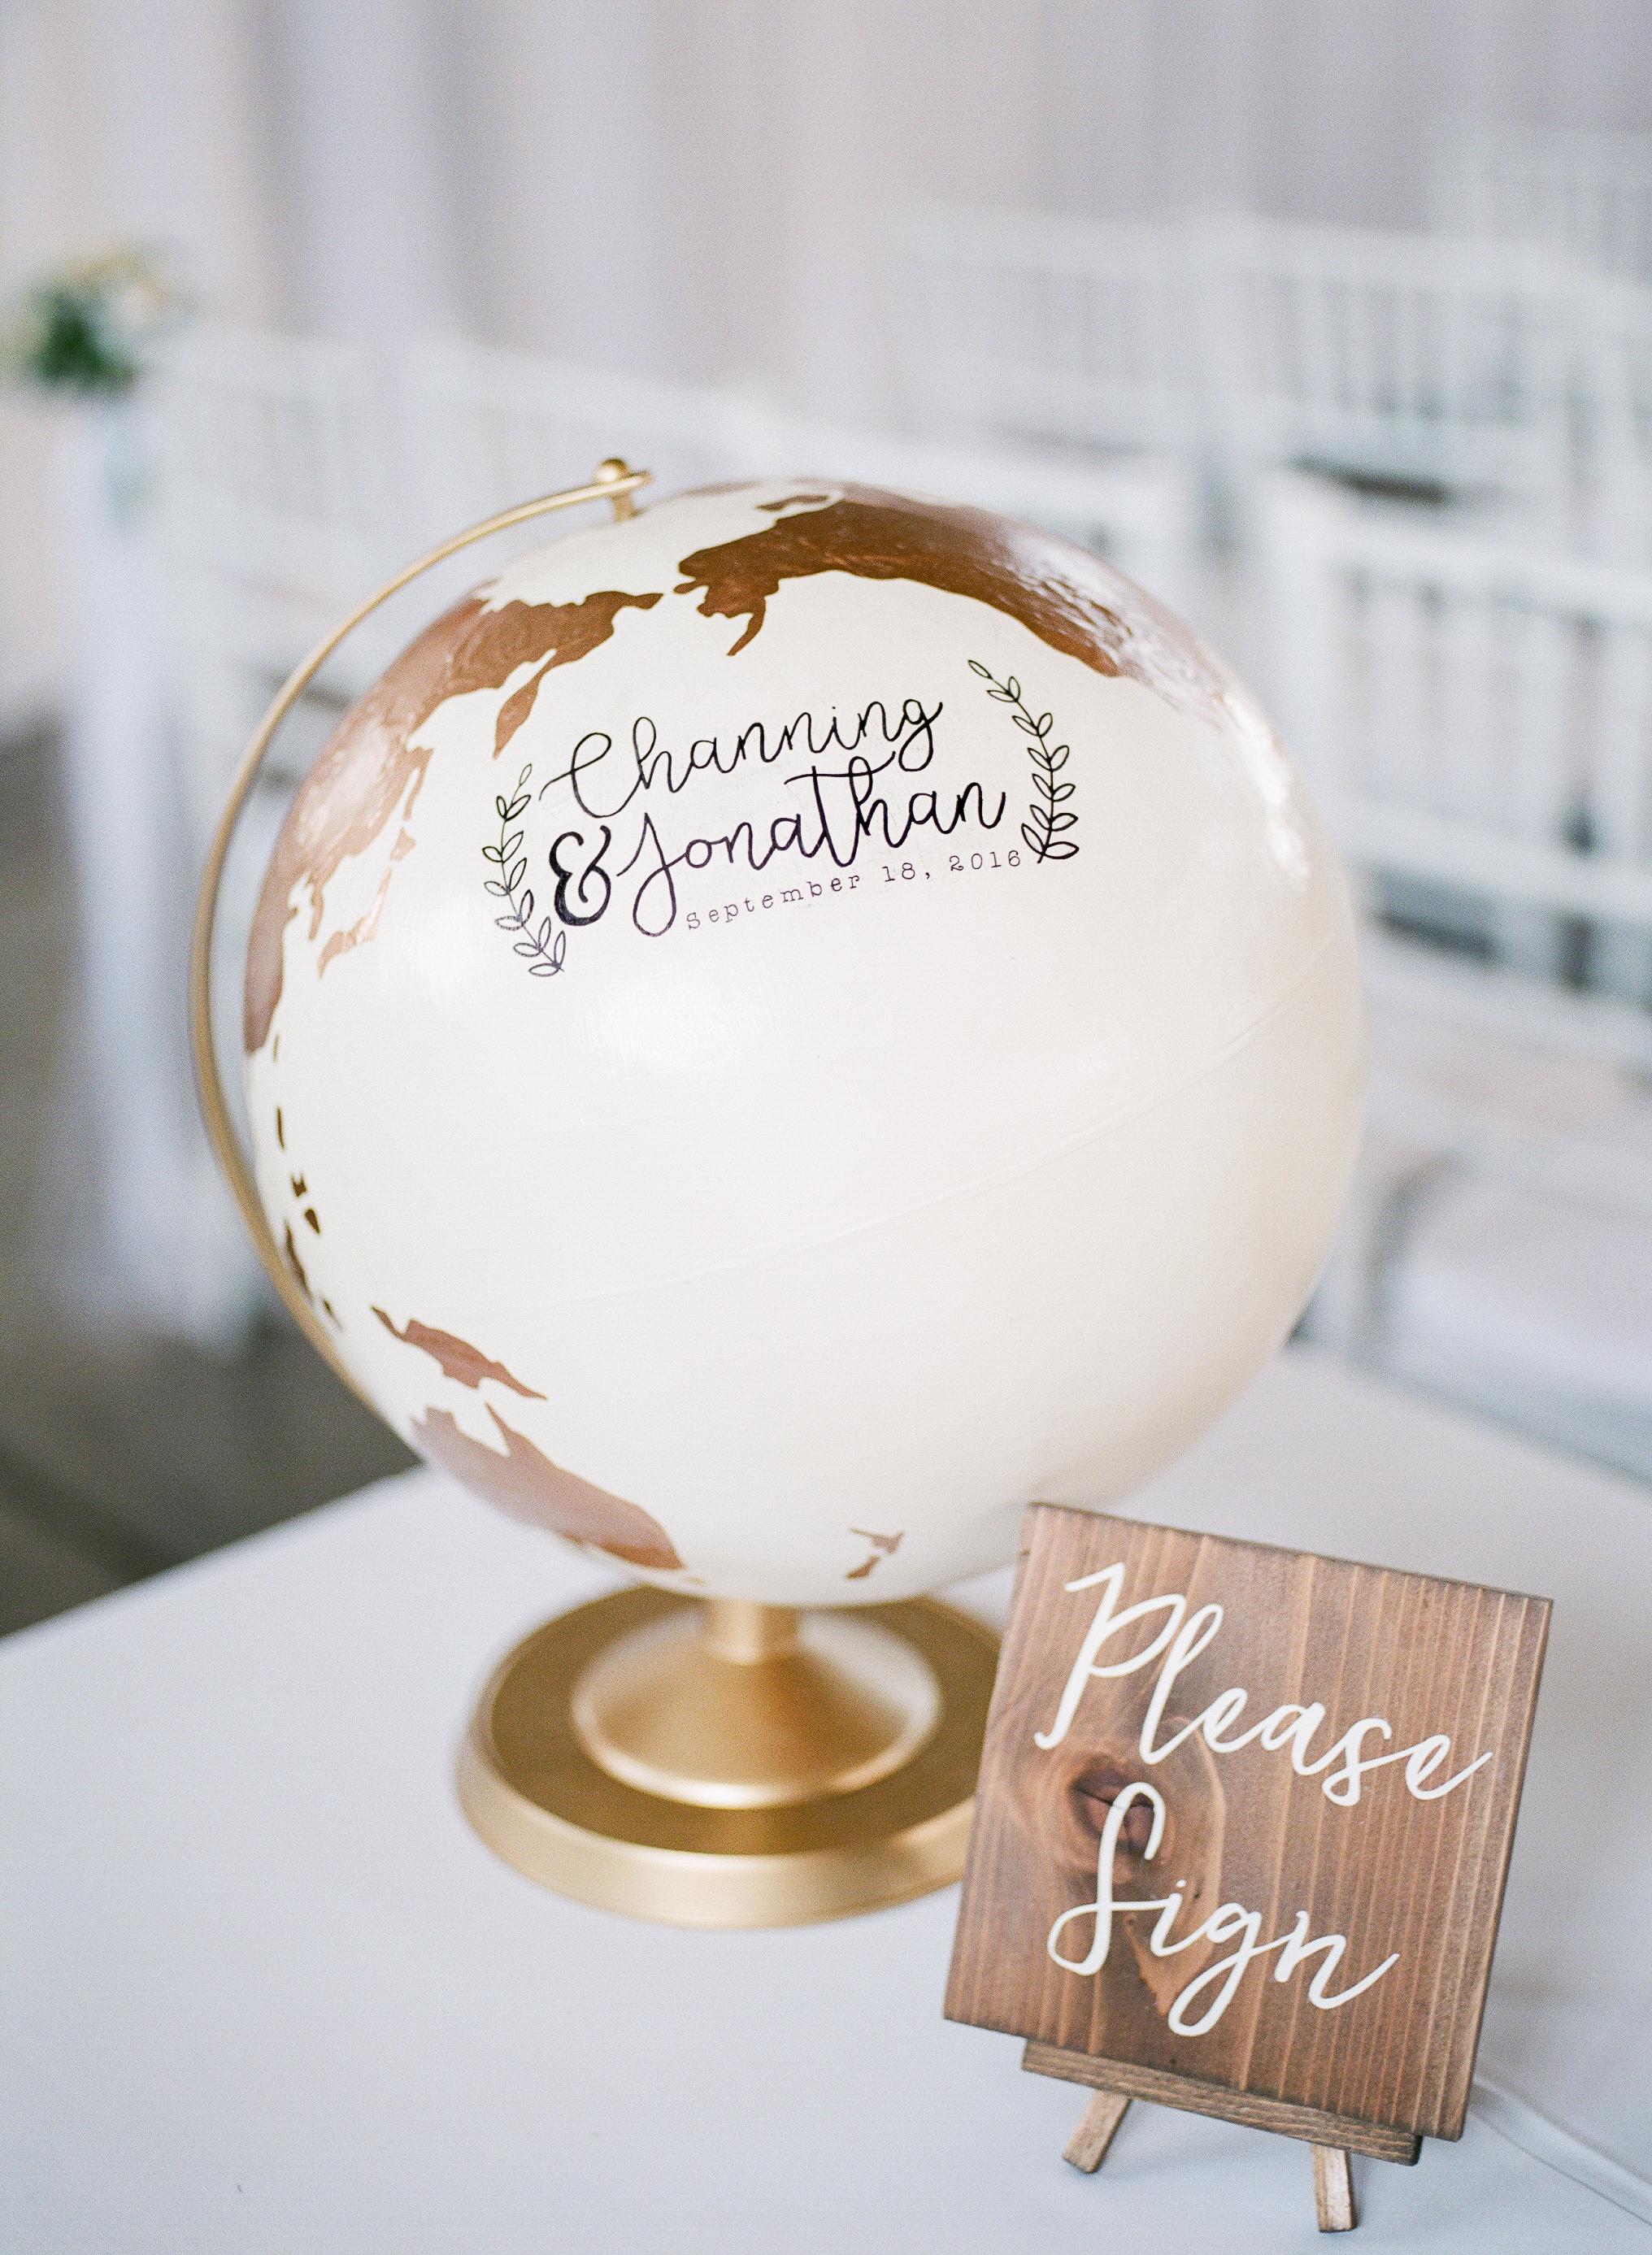 brick-san-diego-wedding-planner-best-wedding-planner-southern-california75.jpg